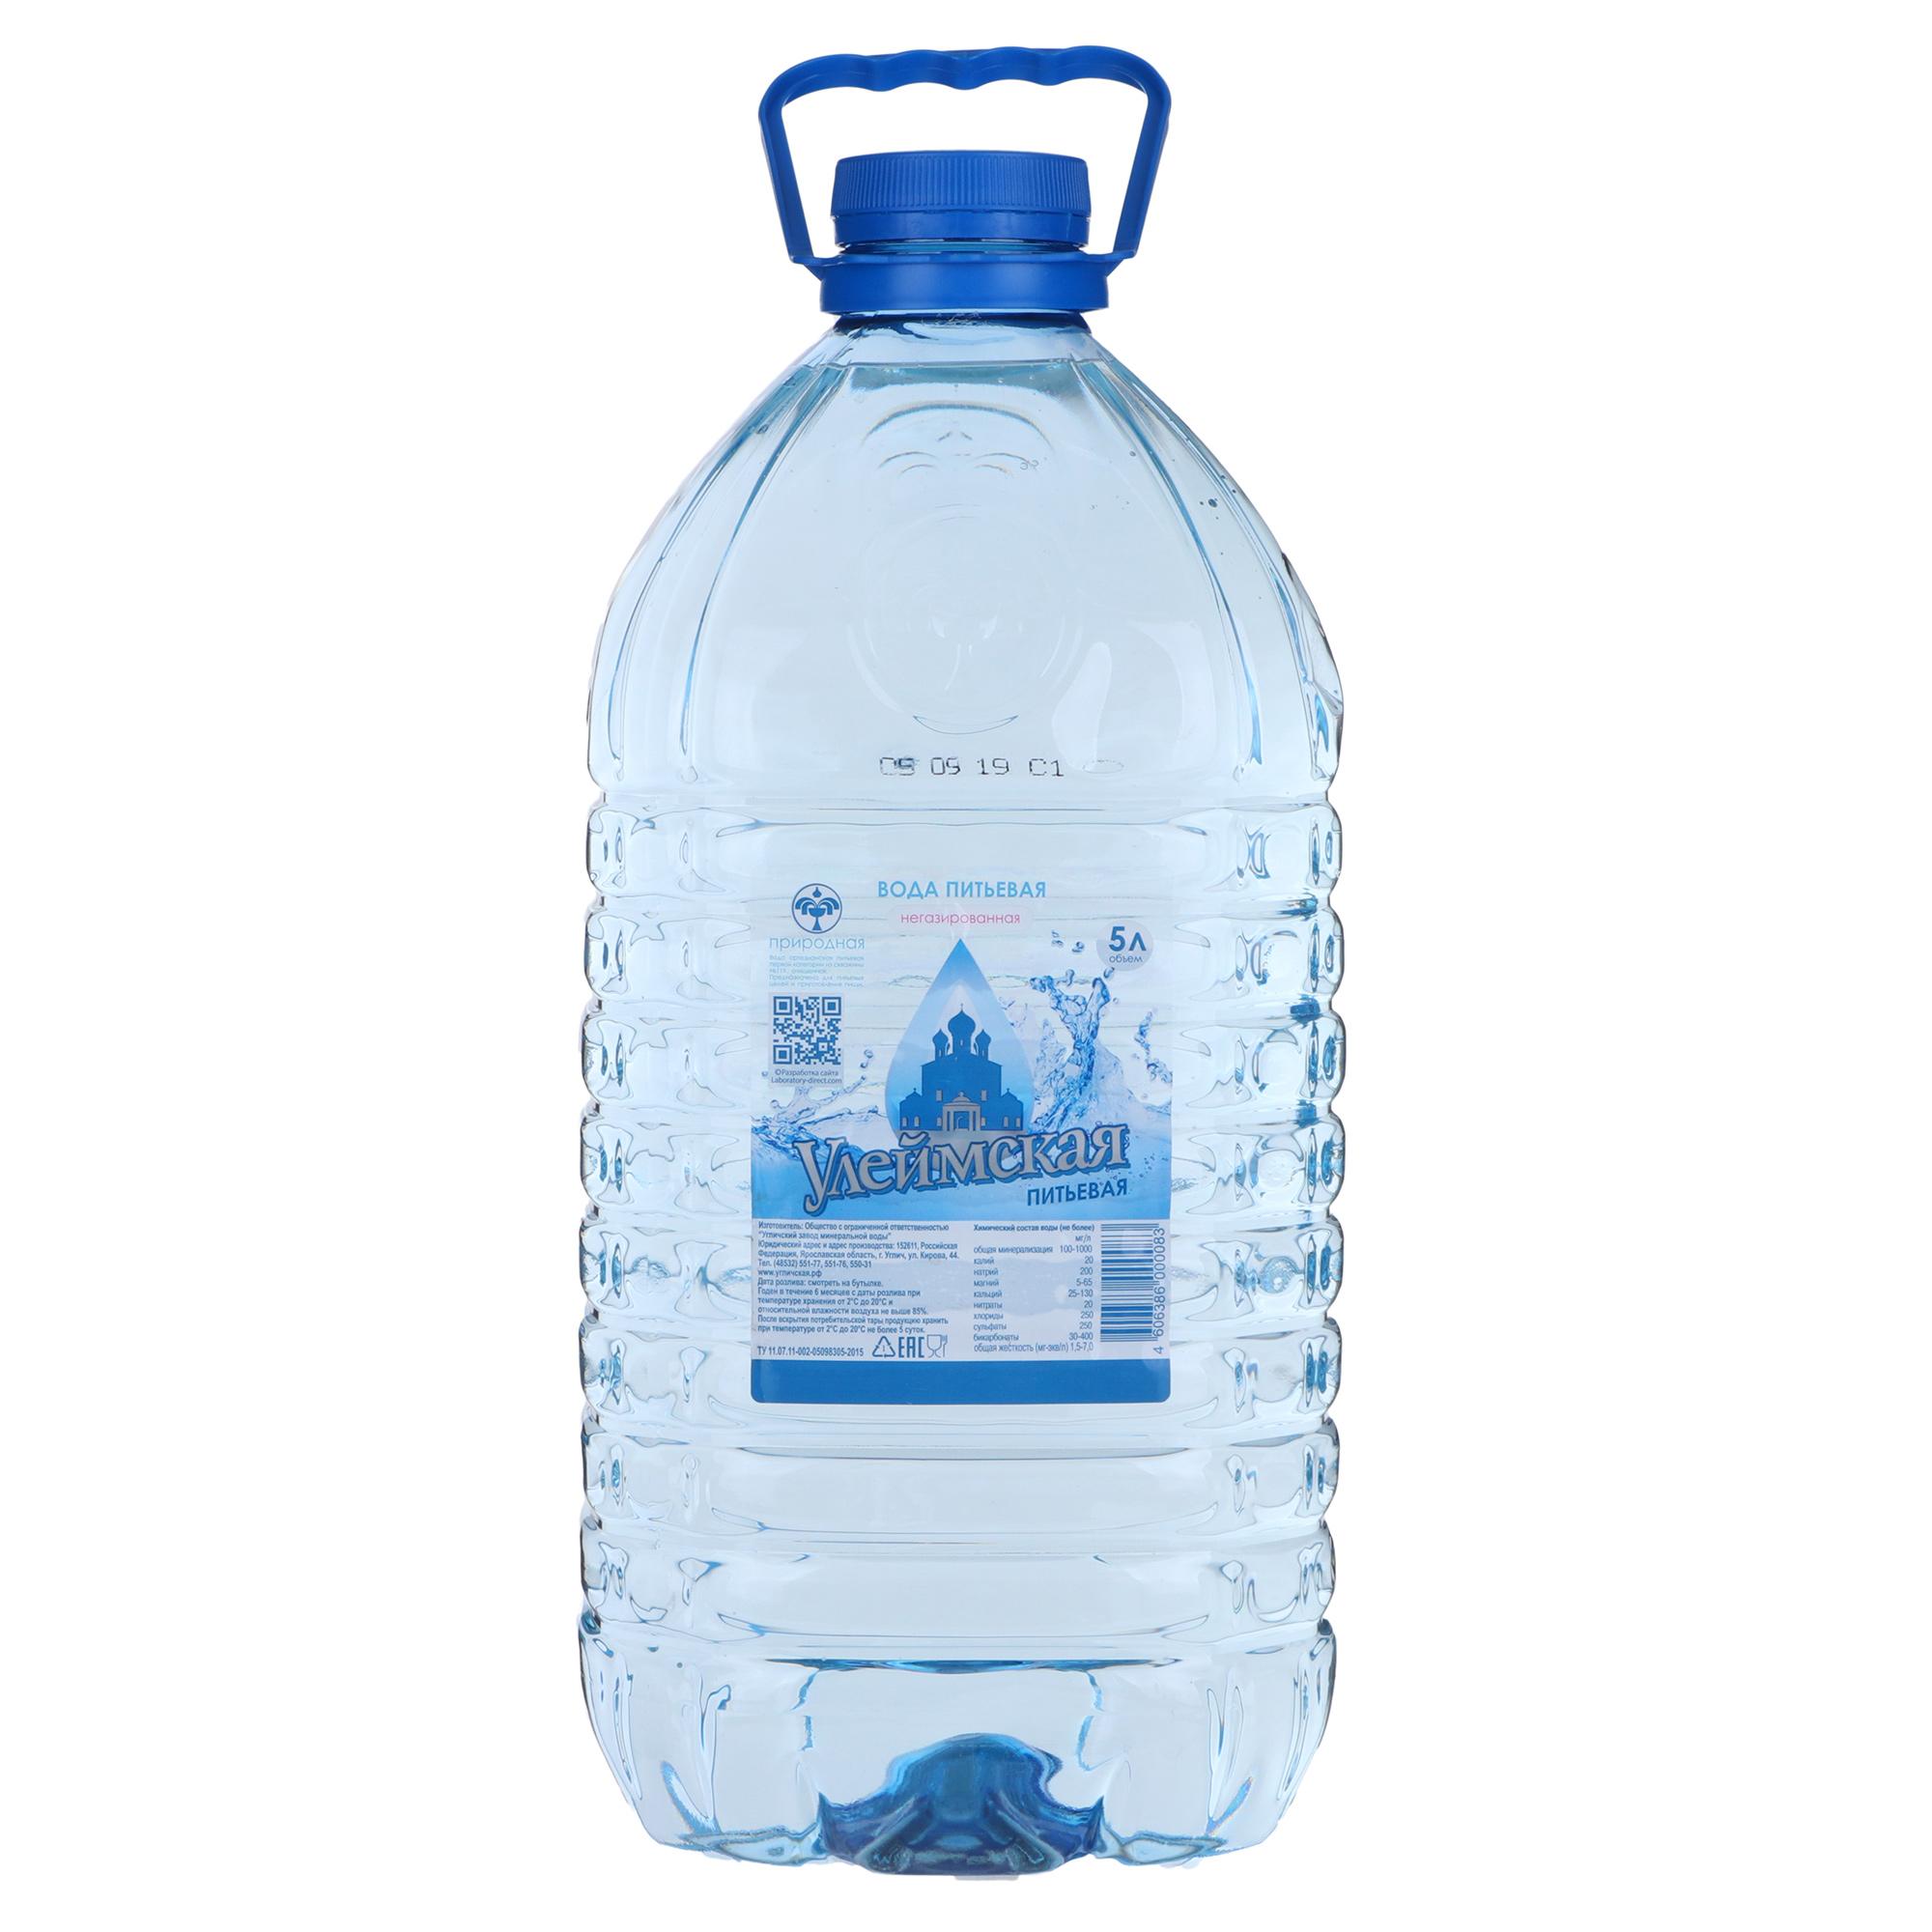 ledenev вода питьевая негазированная 1 5 л Вода питьевая Улеймская негазированная 5 л